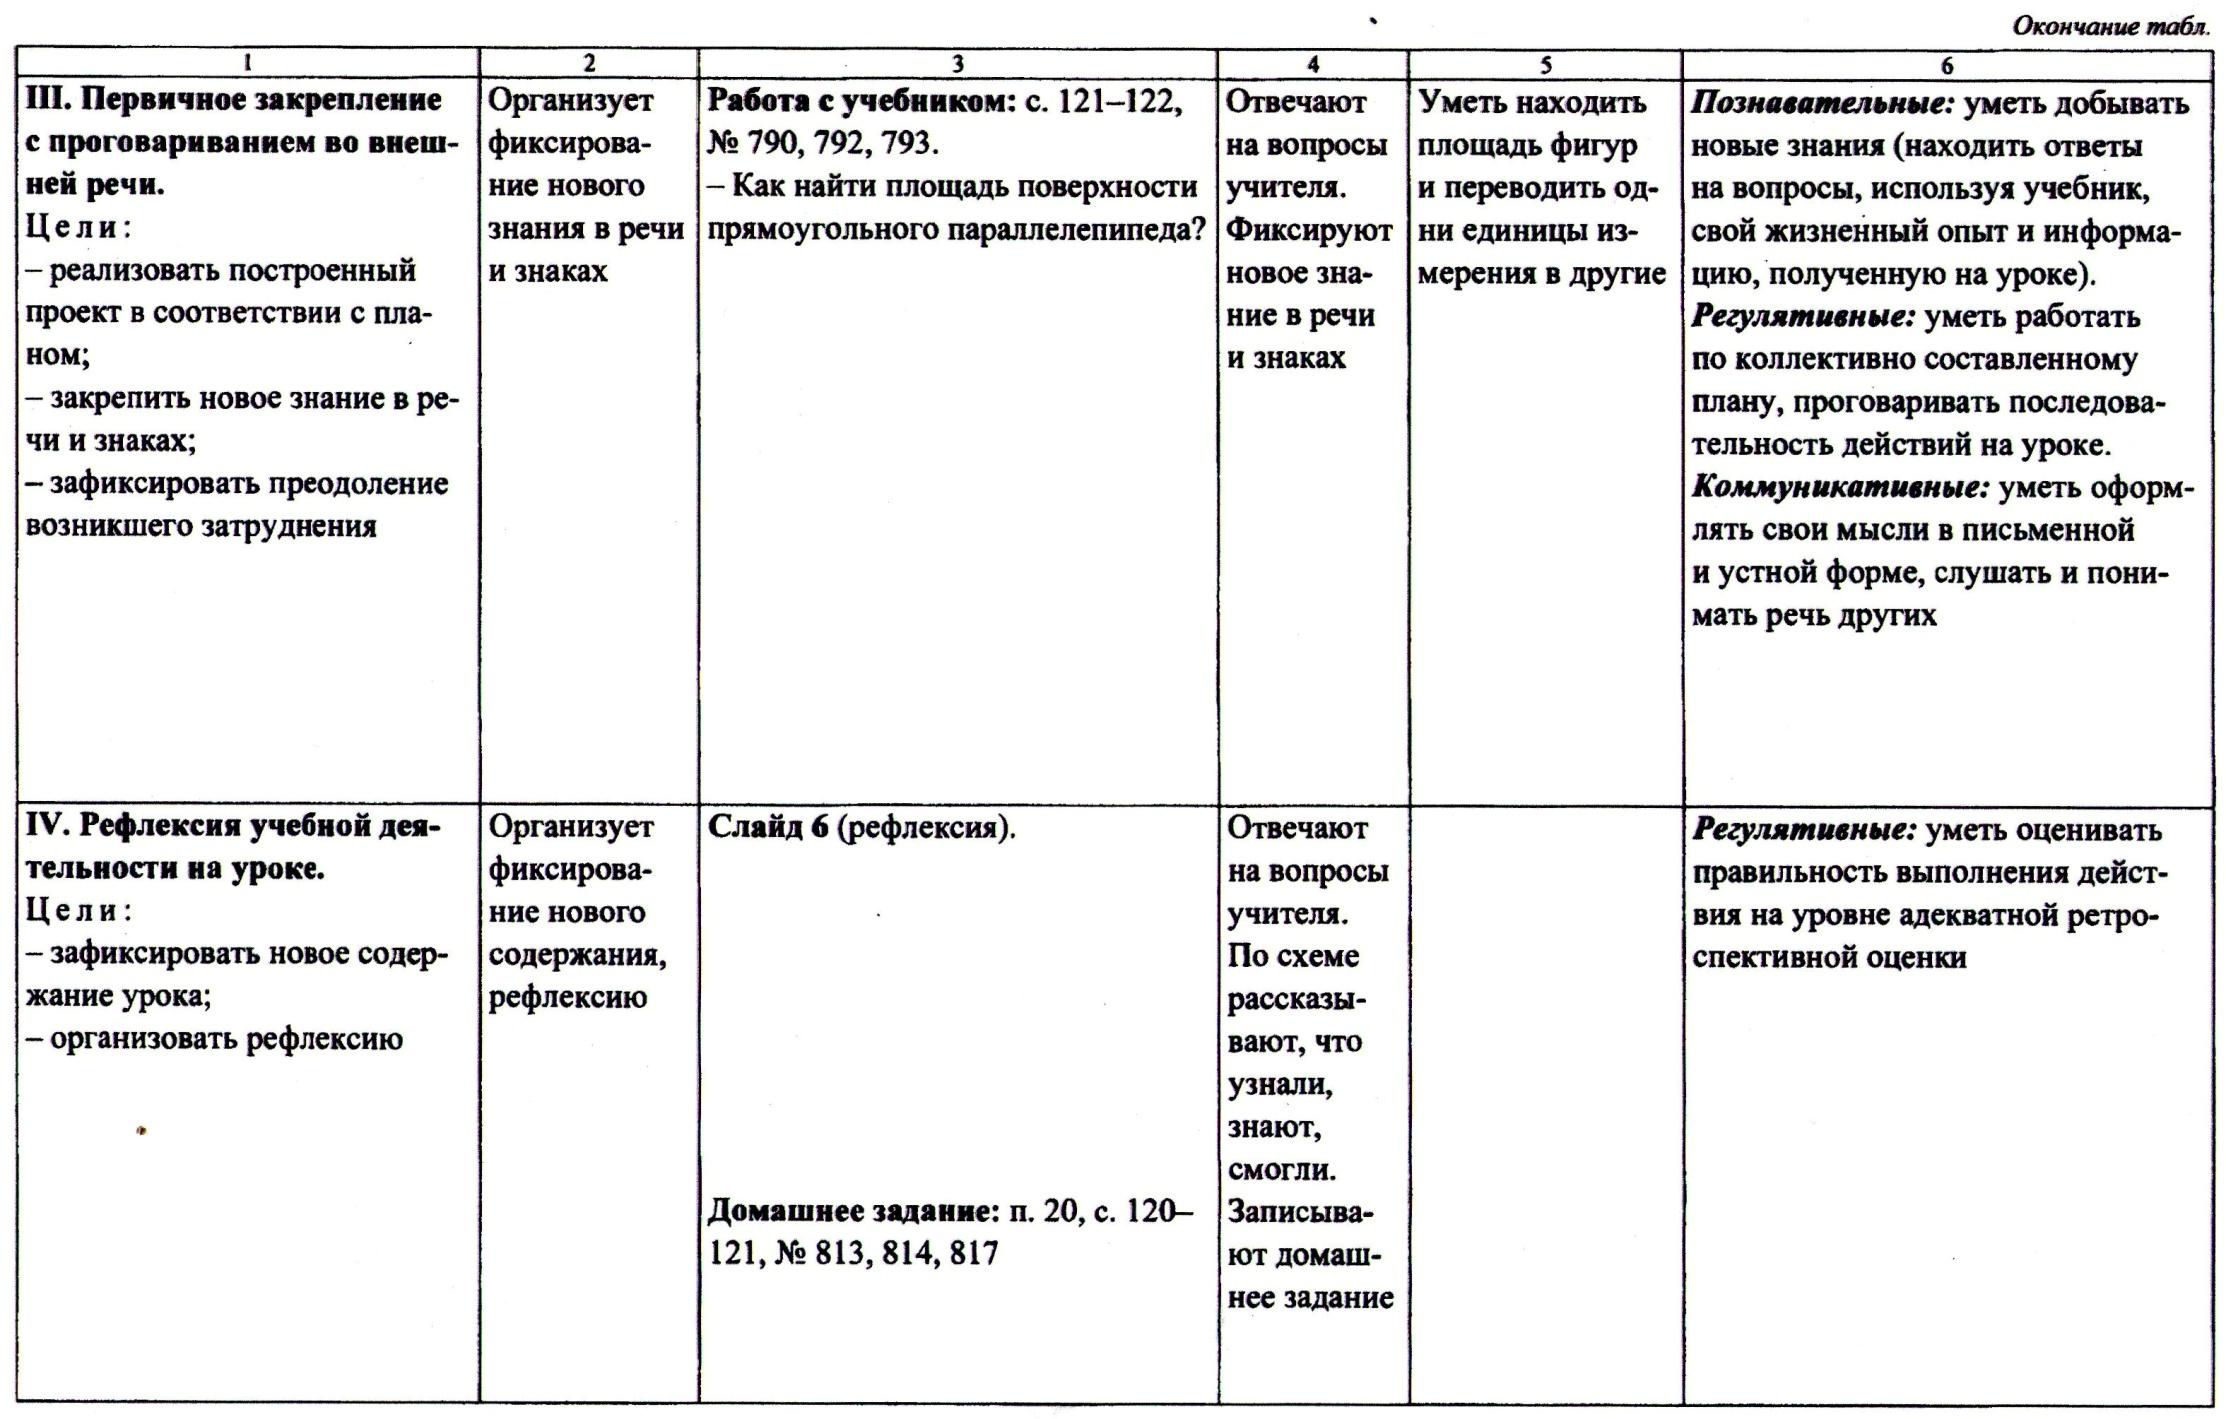 C:\Documents and Settings\Admin\Мои документы\Мои рисунки\img005.jpg